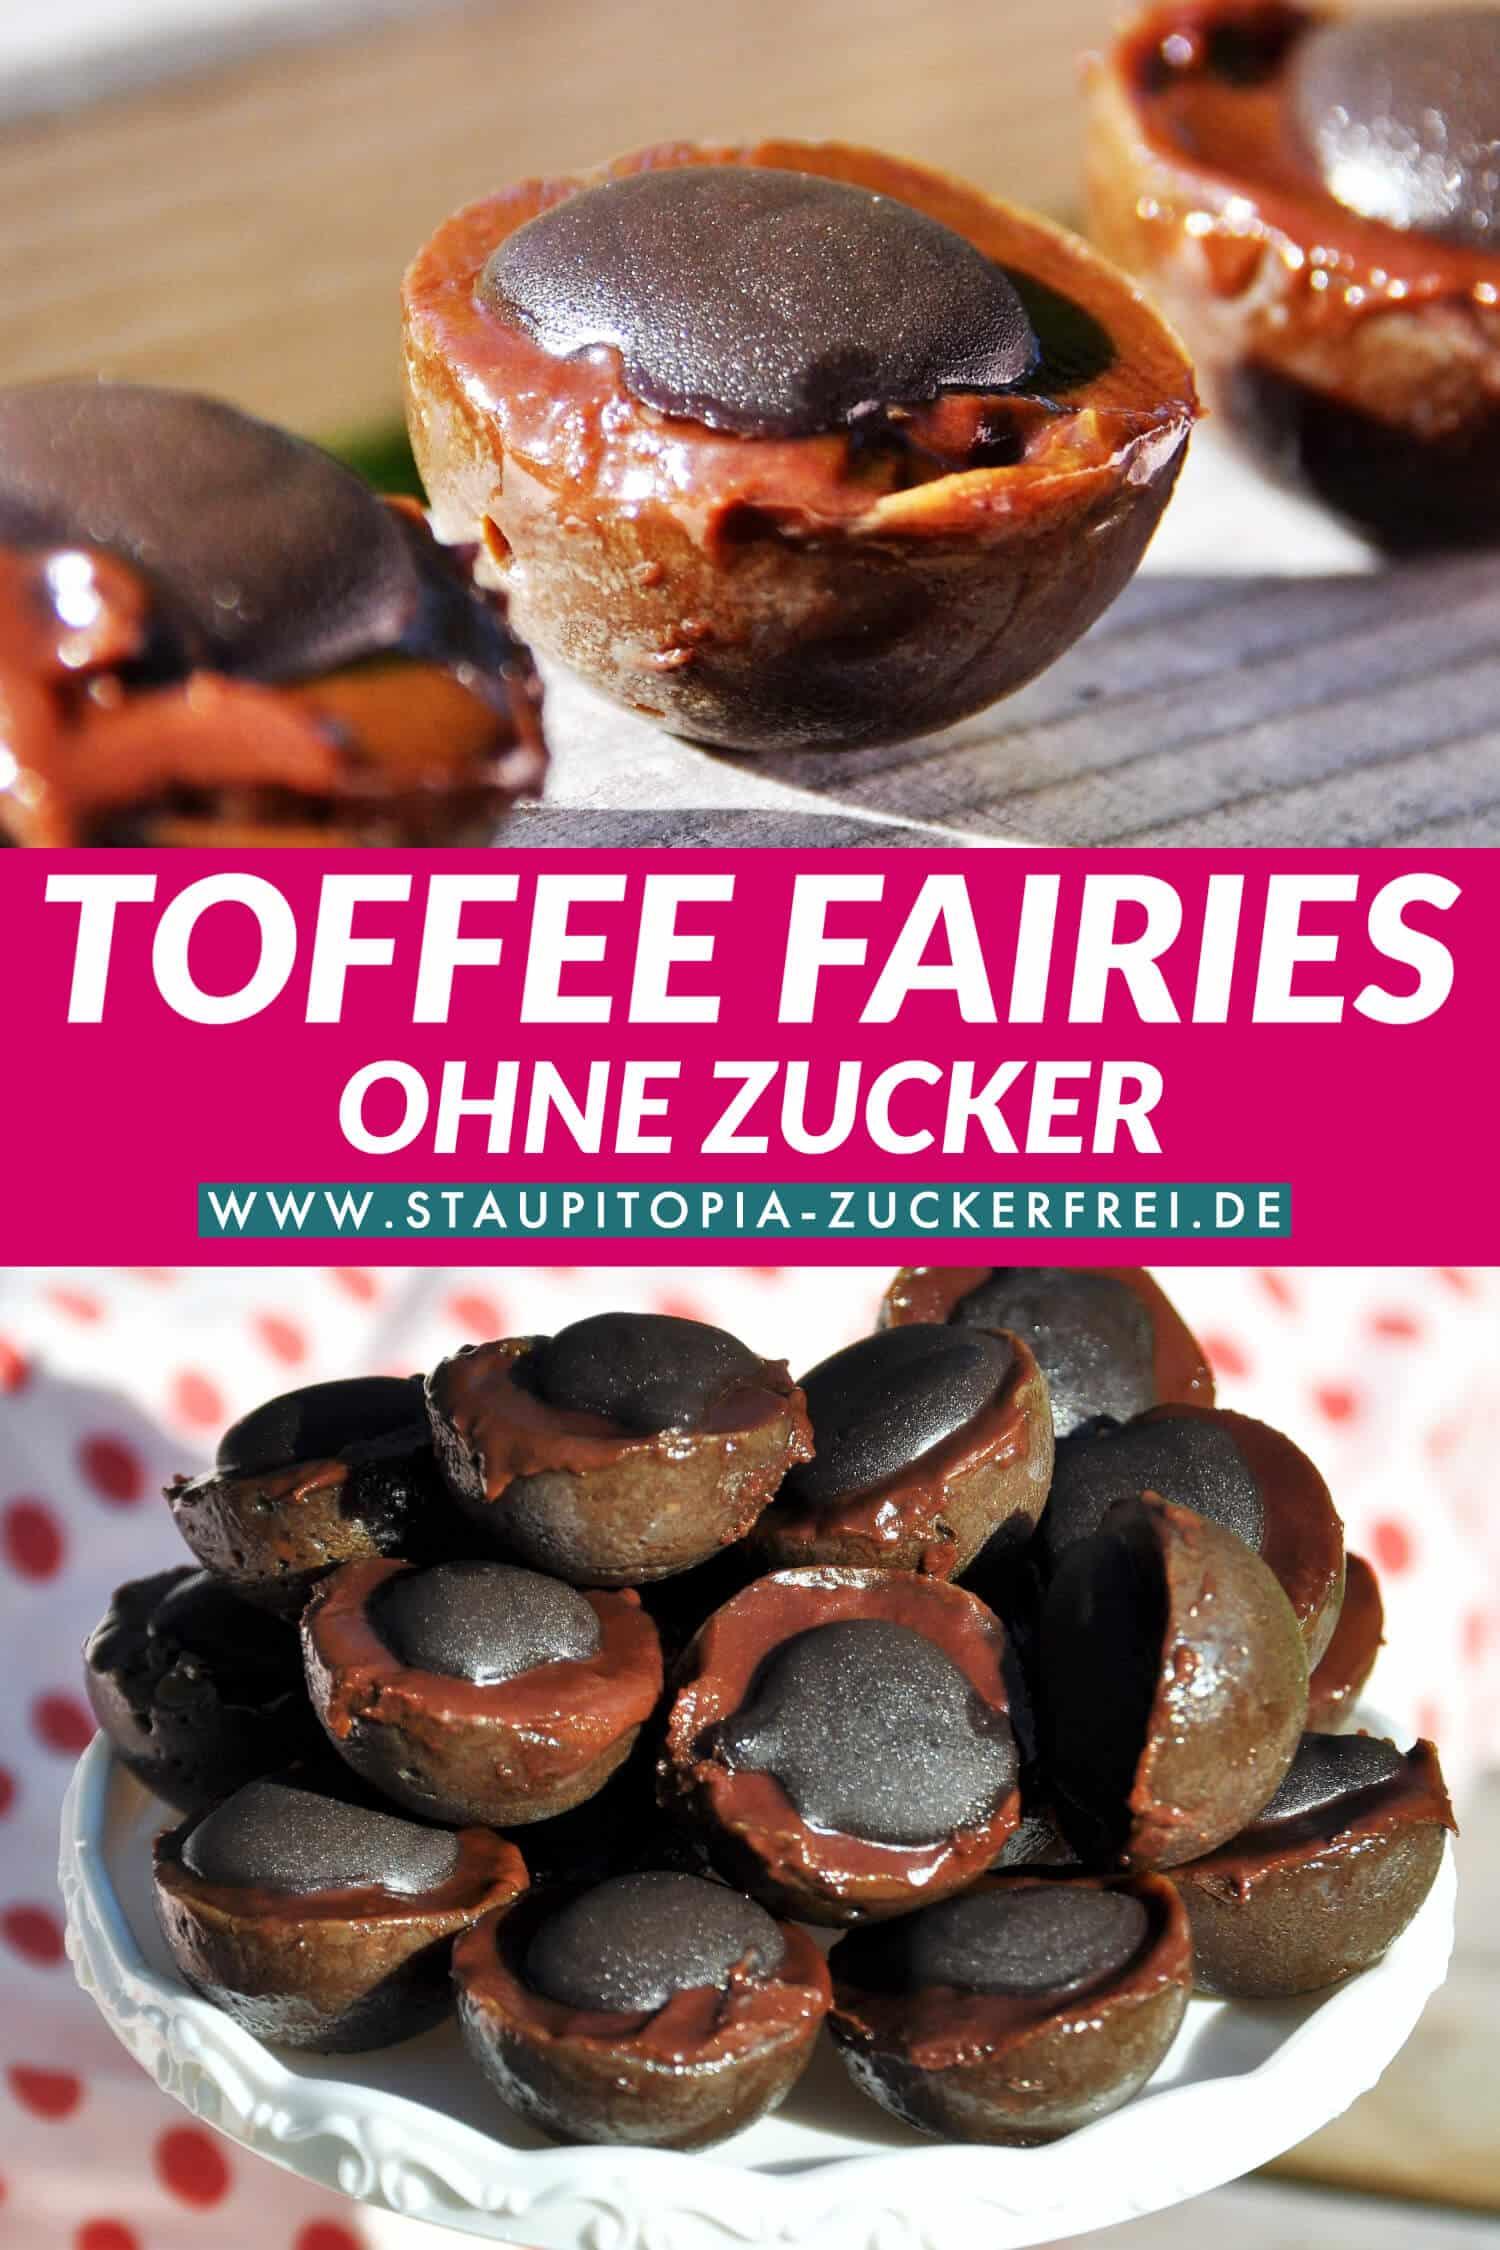 Low Carb Süßigkeiten, wie die selbstgemachten Low Carb Toffee Fairies, können wir ganz einfach selber machen. Sie sind sind eine tolle Alternative, wenn du gerne nascht und auf Süßigkeiten nicht verzichten möchtest. Zudem schmecken Low Carb Toffee Fairies mindestens genauso gut wie das, ein wenig anders namige, Pendant aus dem Supermarkt, sind glutenfrei und werden alle Low Carb Naschkatzen begeistern.